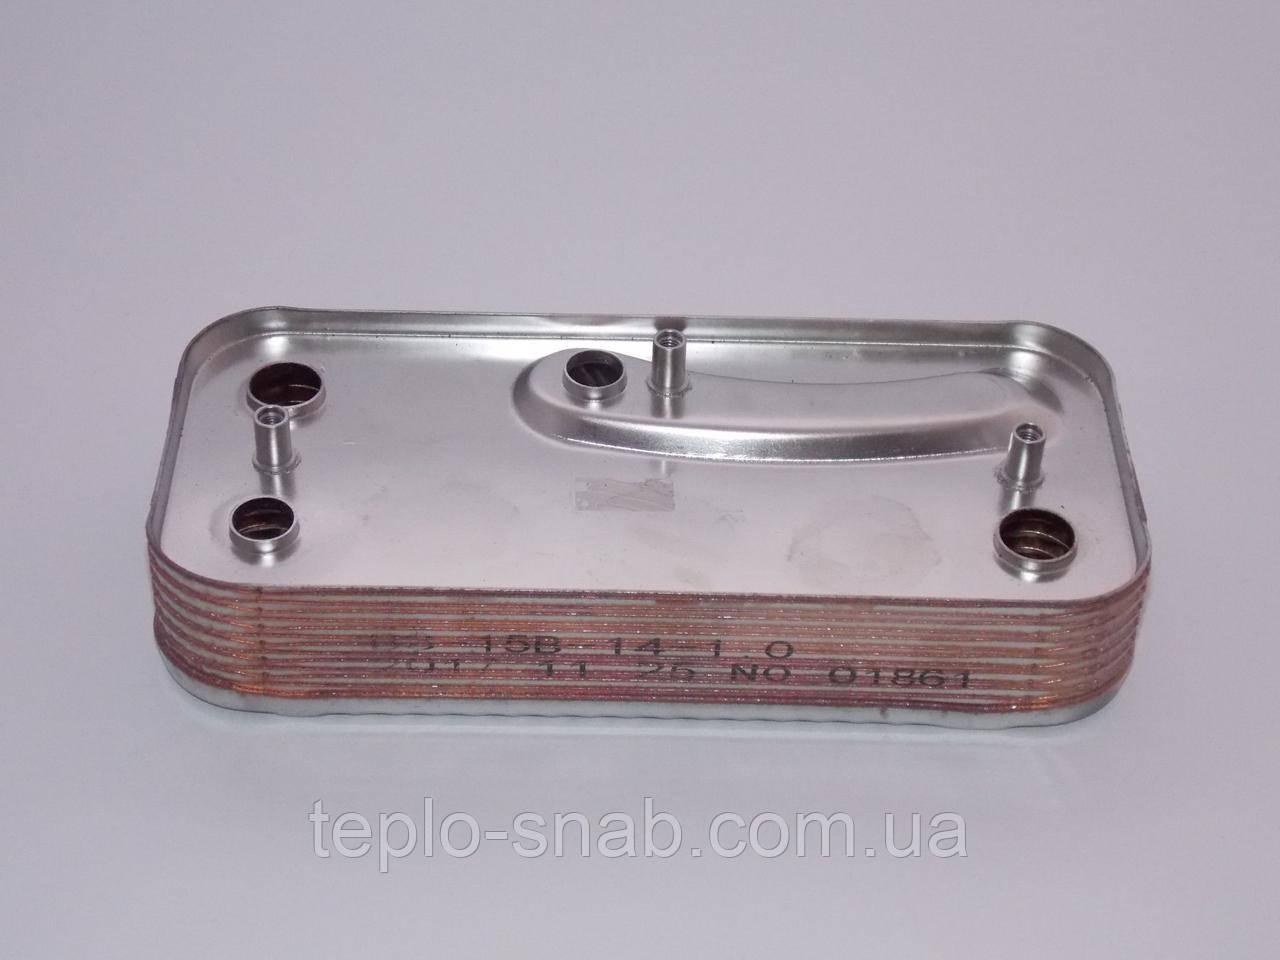 Теплообменник вторичный 14 пл Sime FORMAT.ZIP BF, FORMAT DEWY.ZIP. 6281522